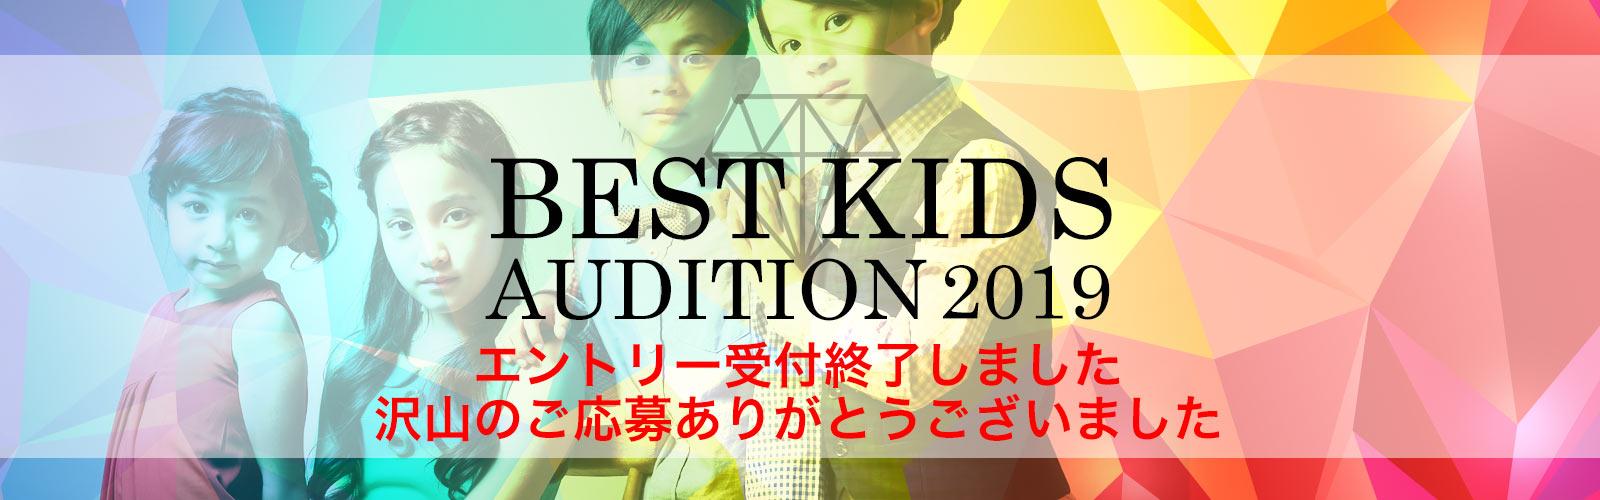 BSET KIDS AUDITION 2019エントリー受付終了